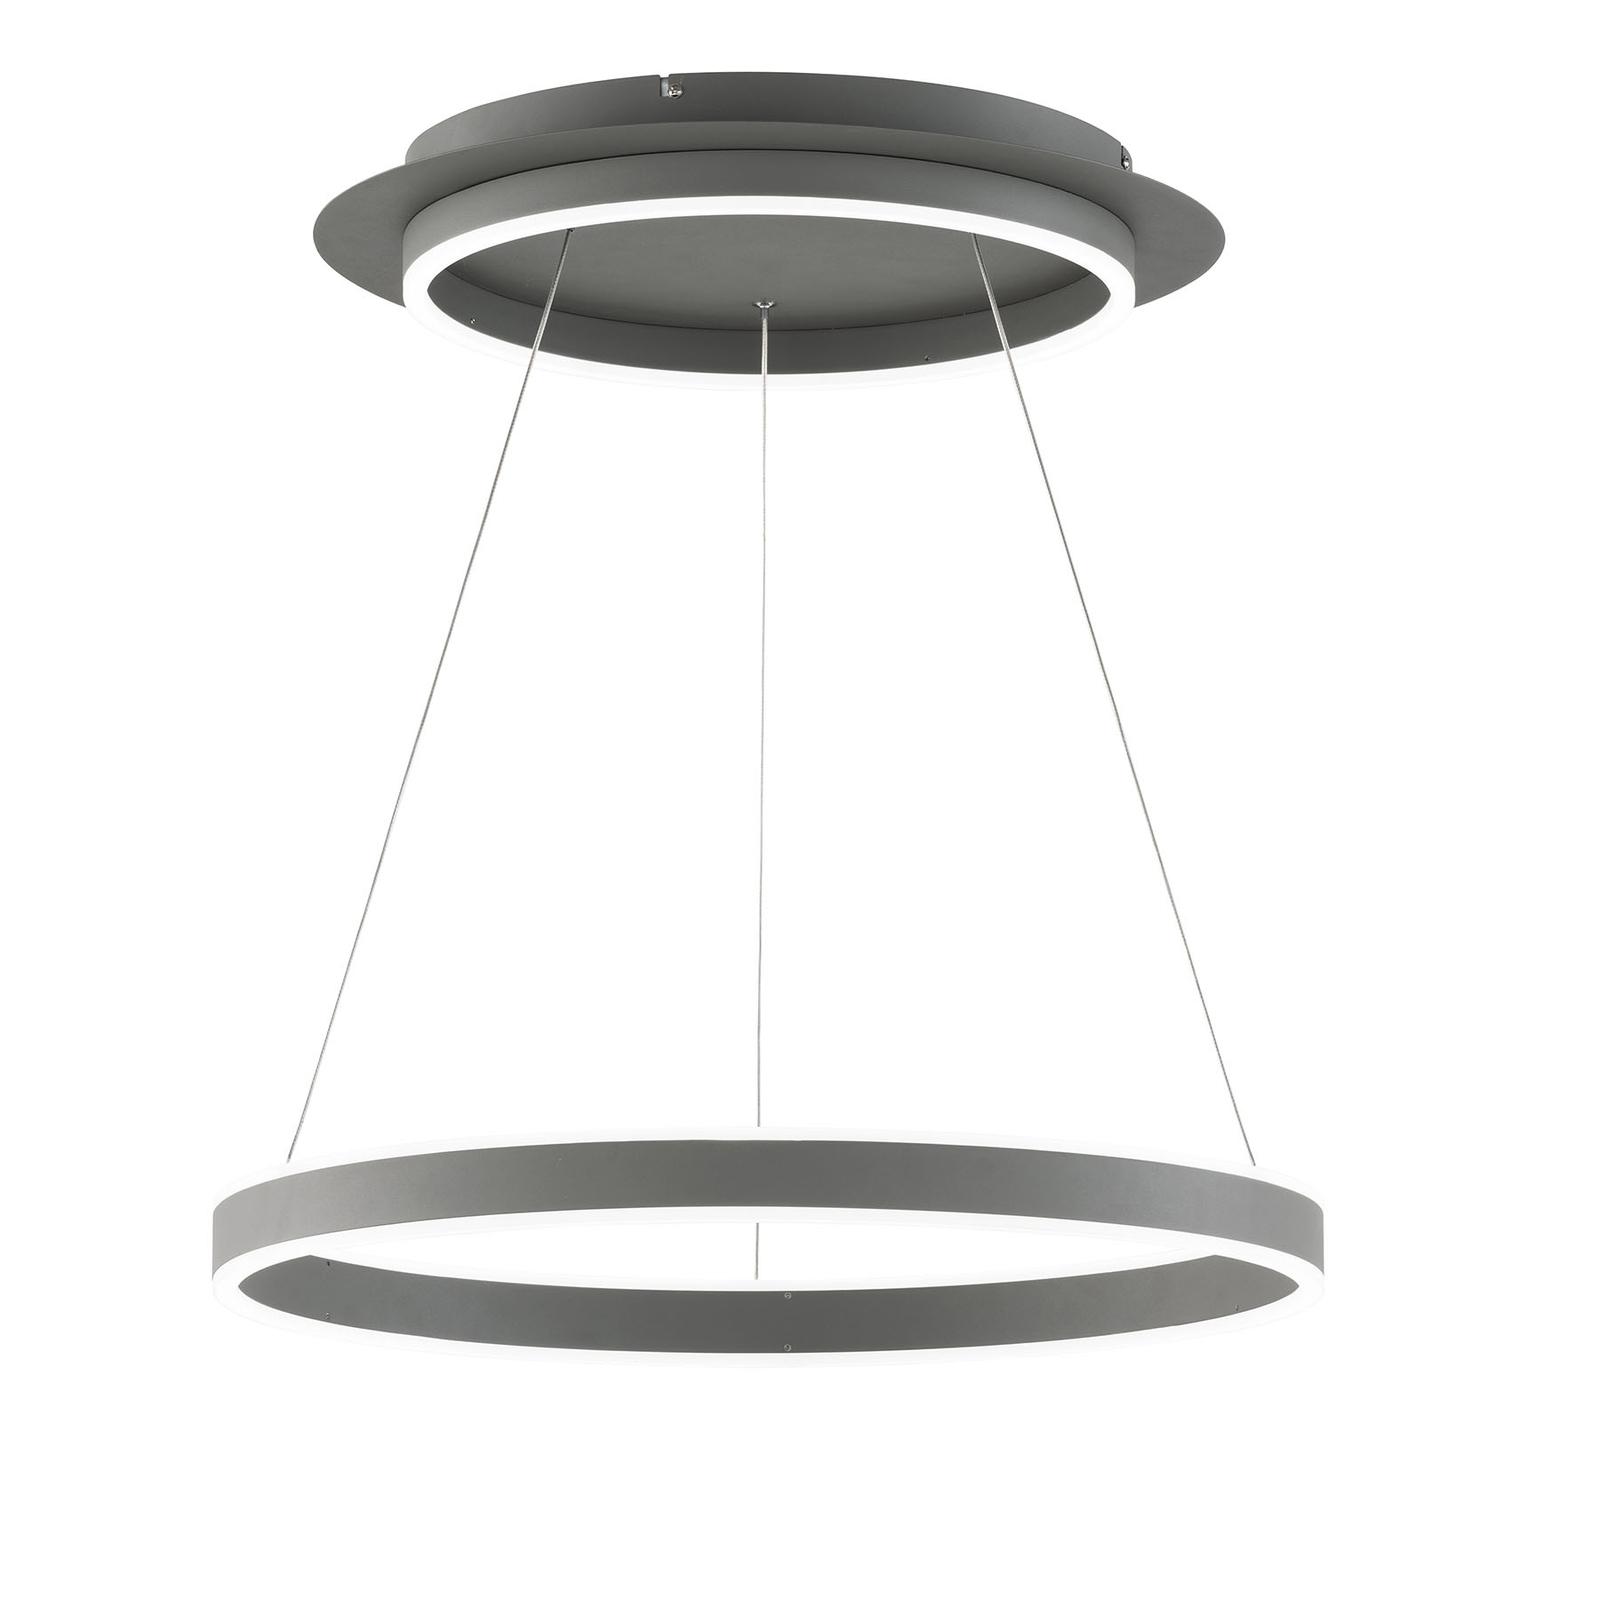 LED-Hängeleuchte Kemi, mit Fernbedienung, rund